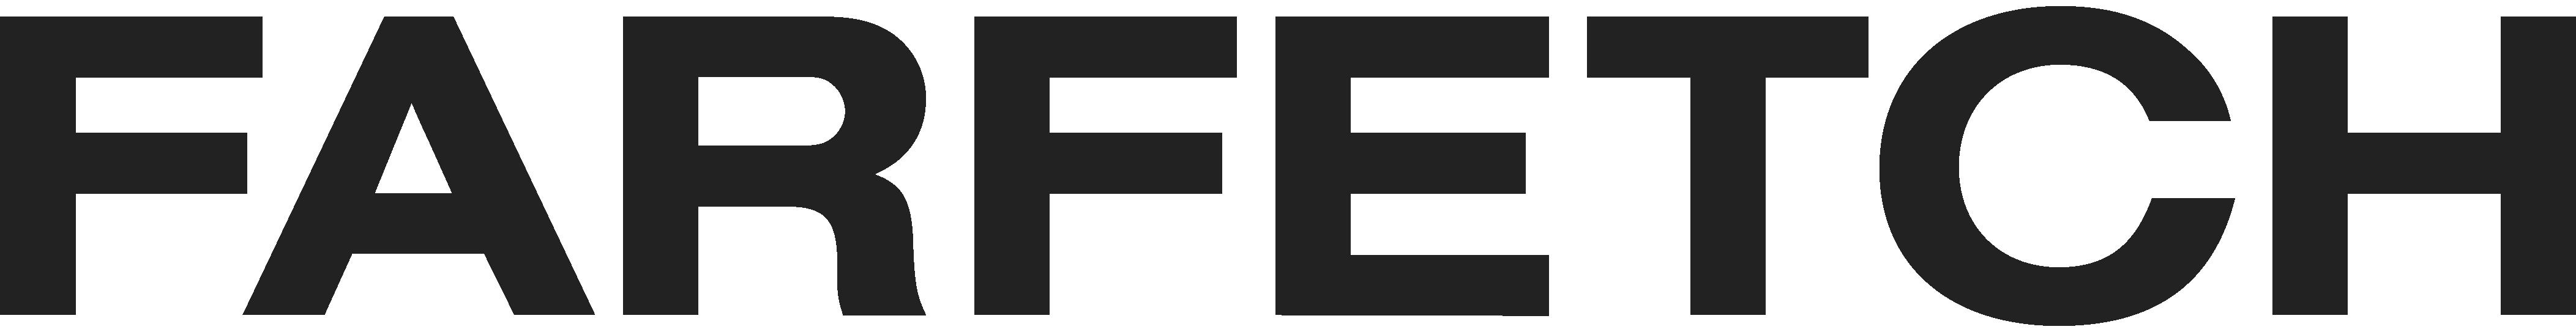 Farfetch logo